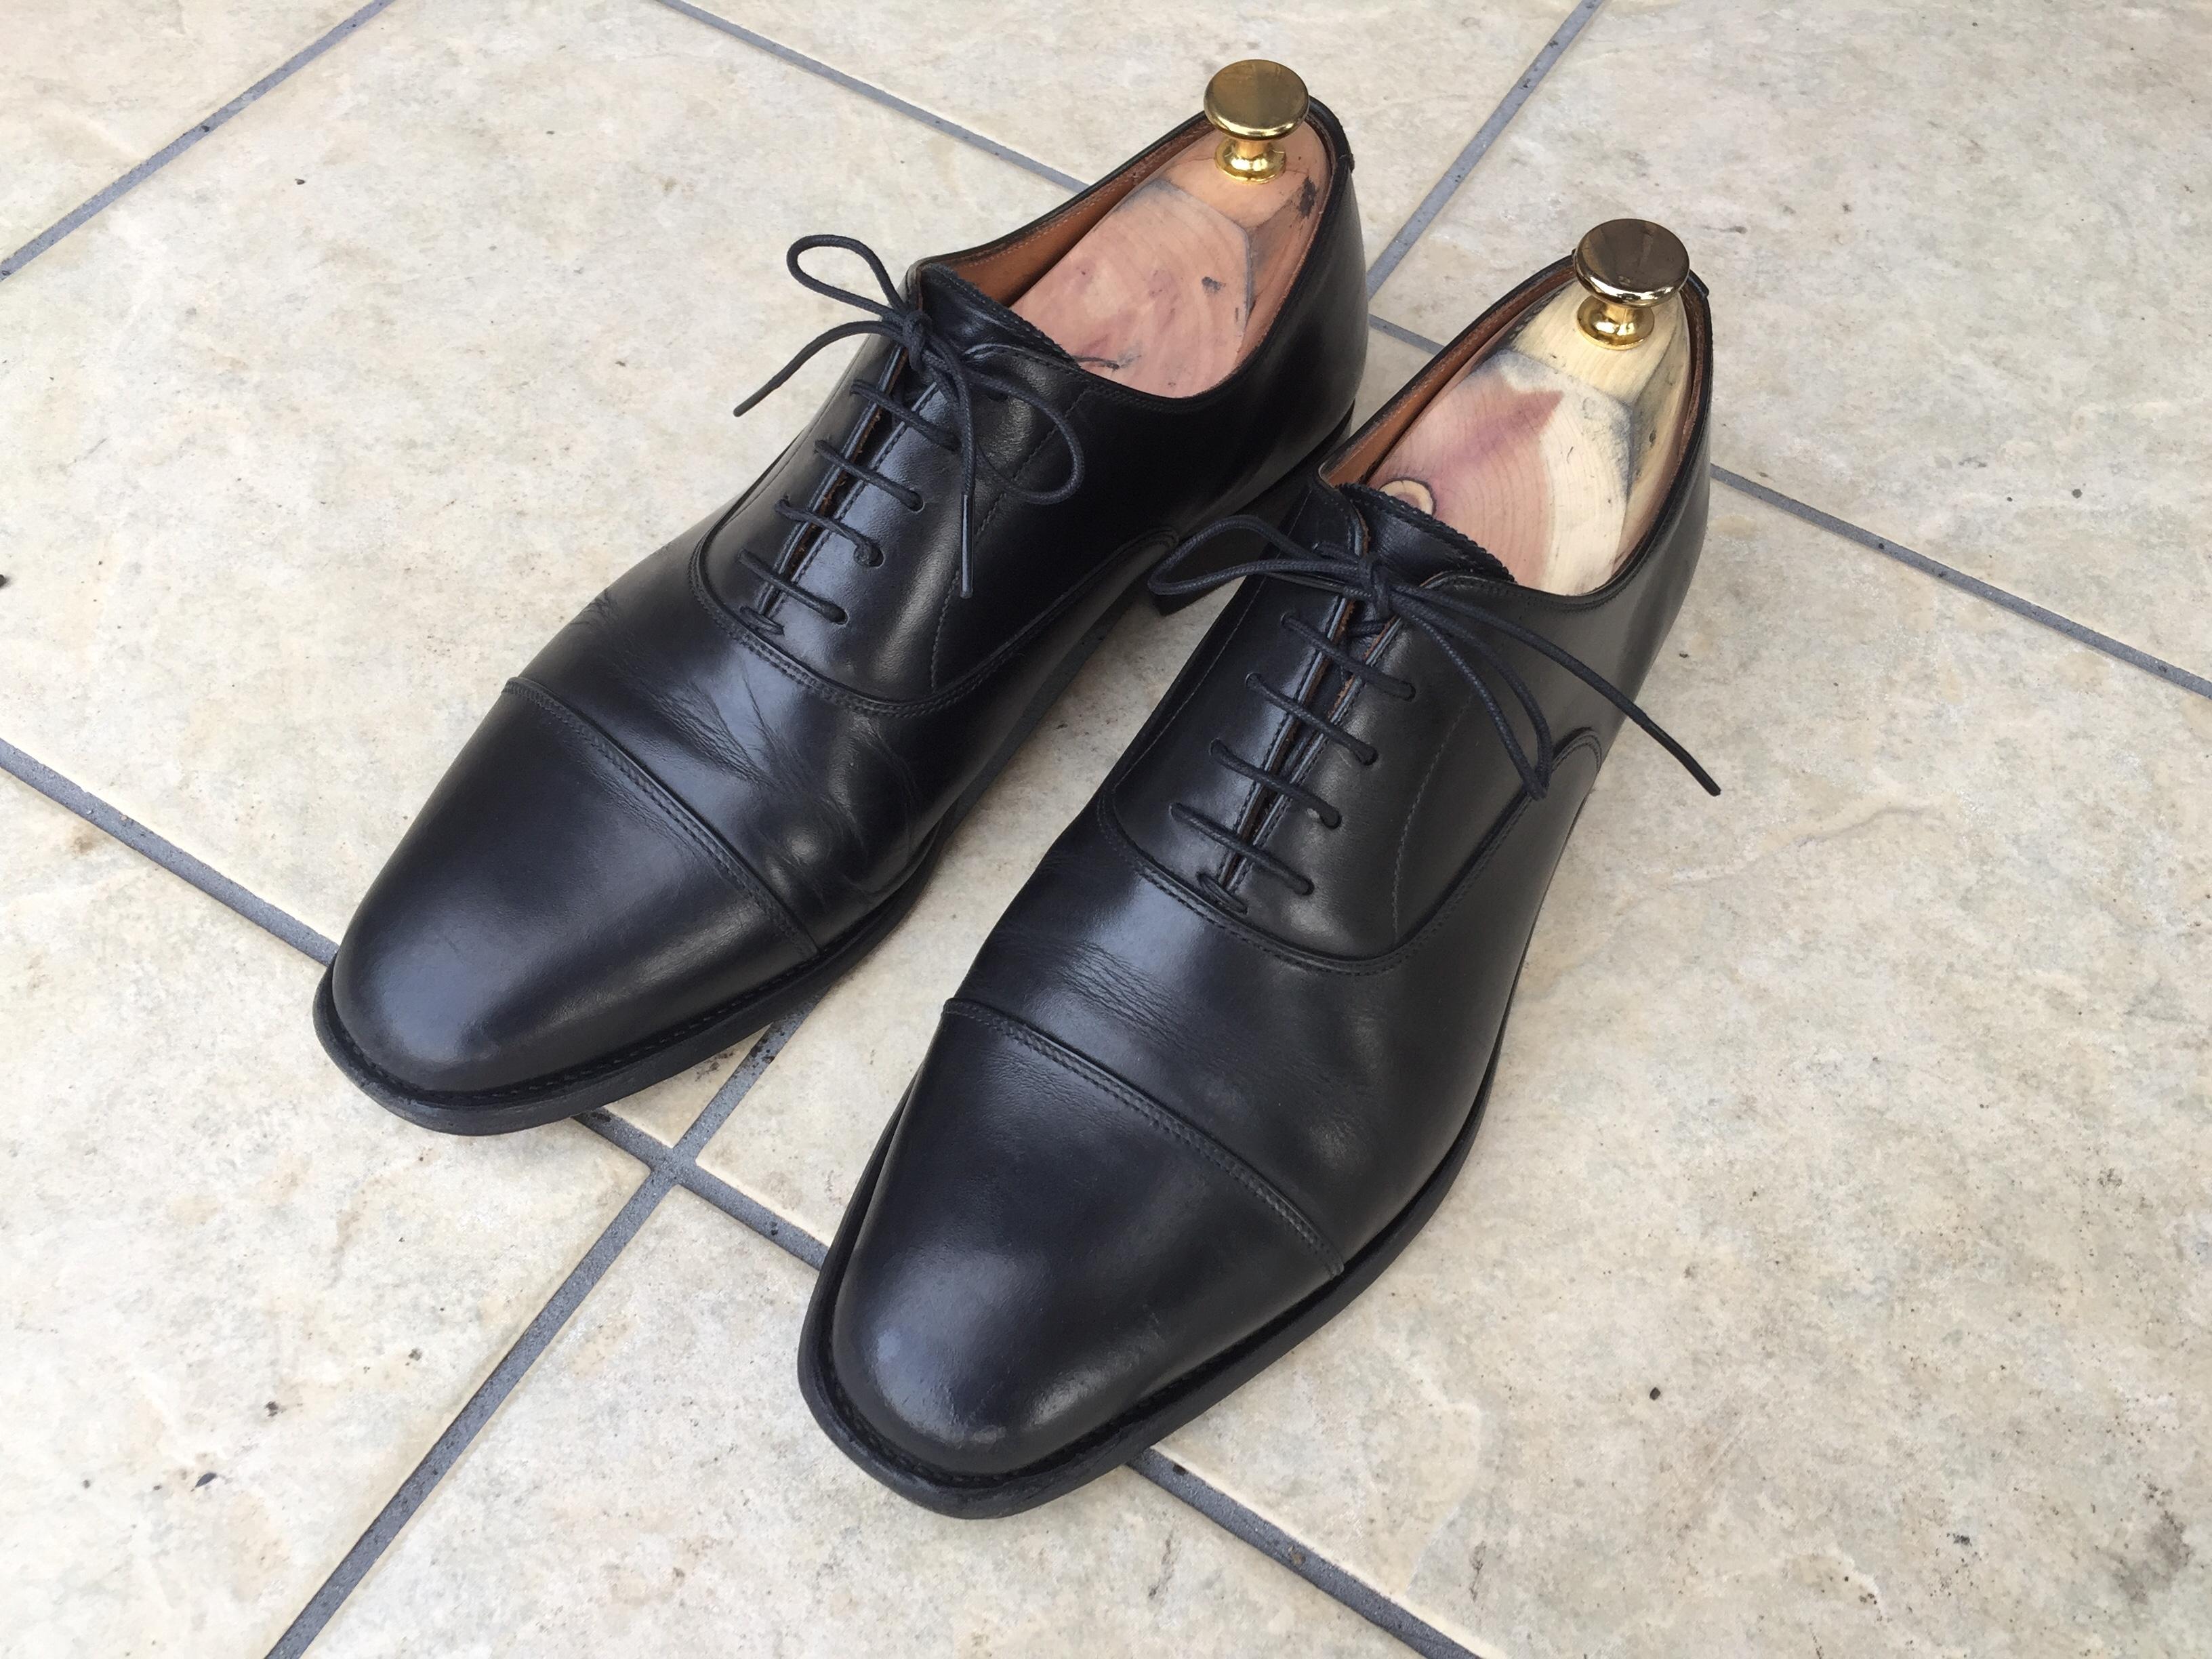 良い靴を履いて公務員試験の面接に臨もう